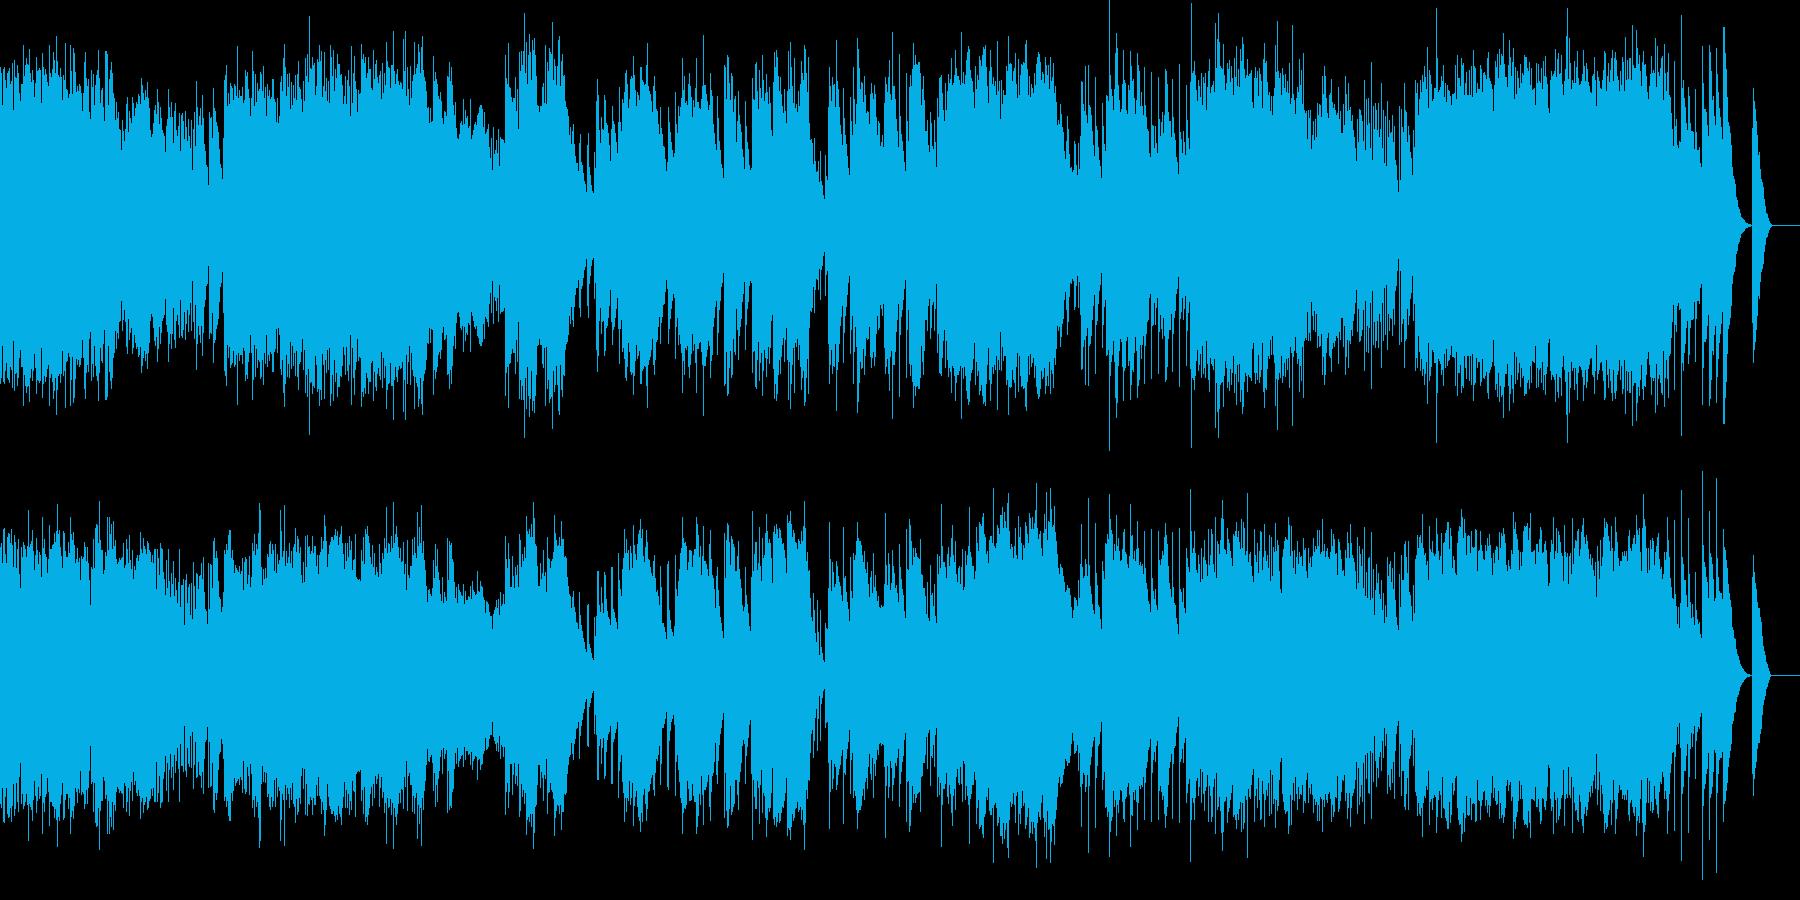 小組曲 2.行列(オルゴール)の再生済みの波形